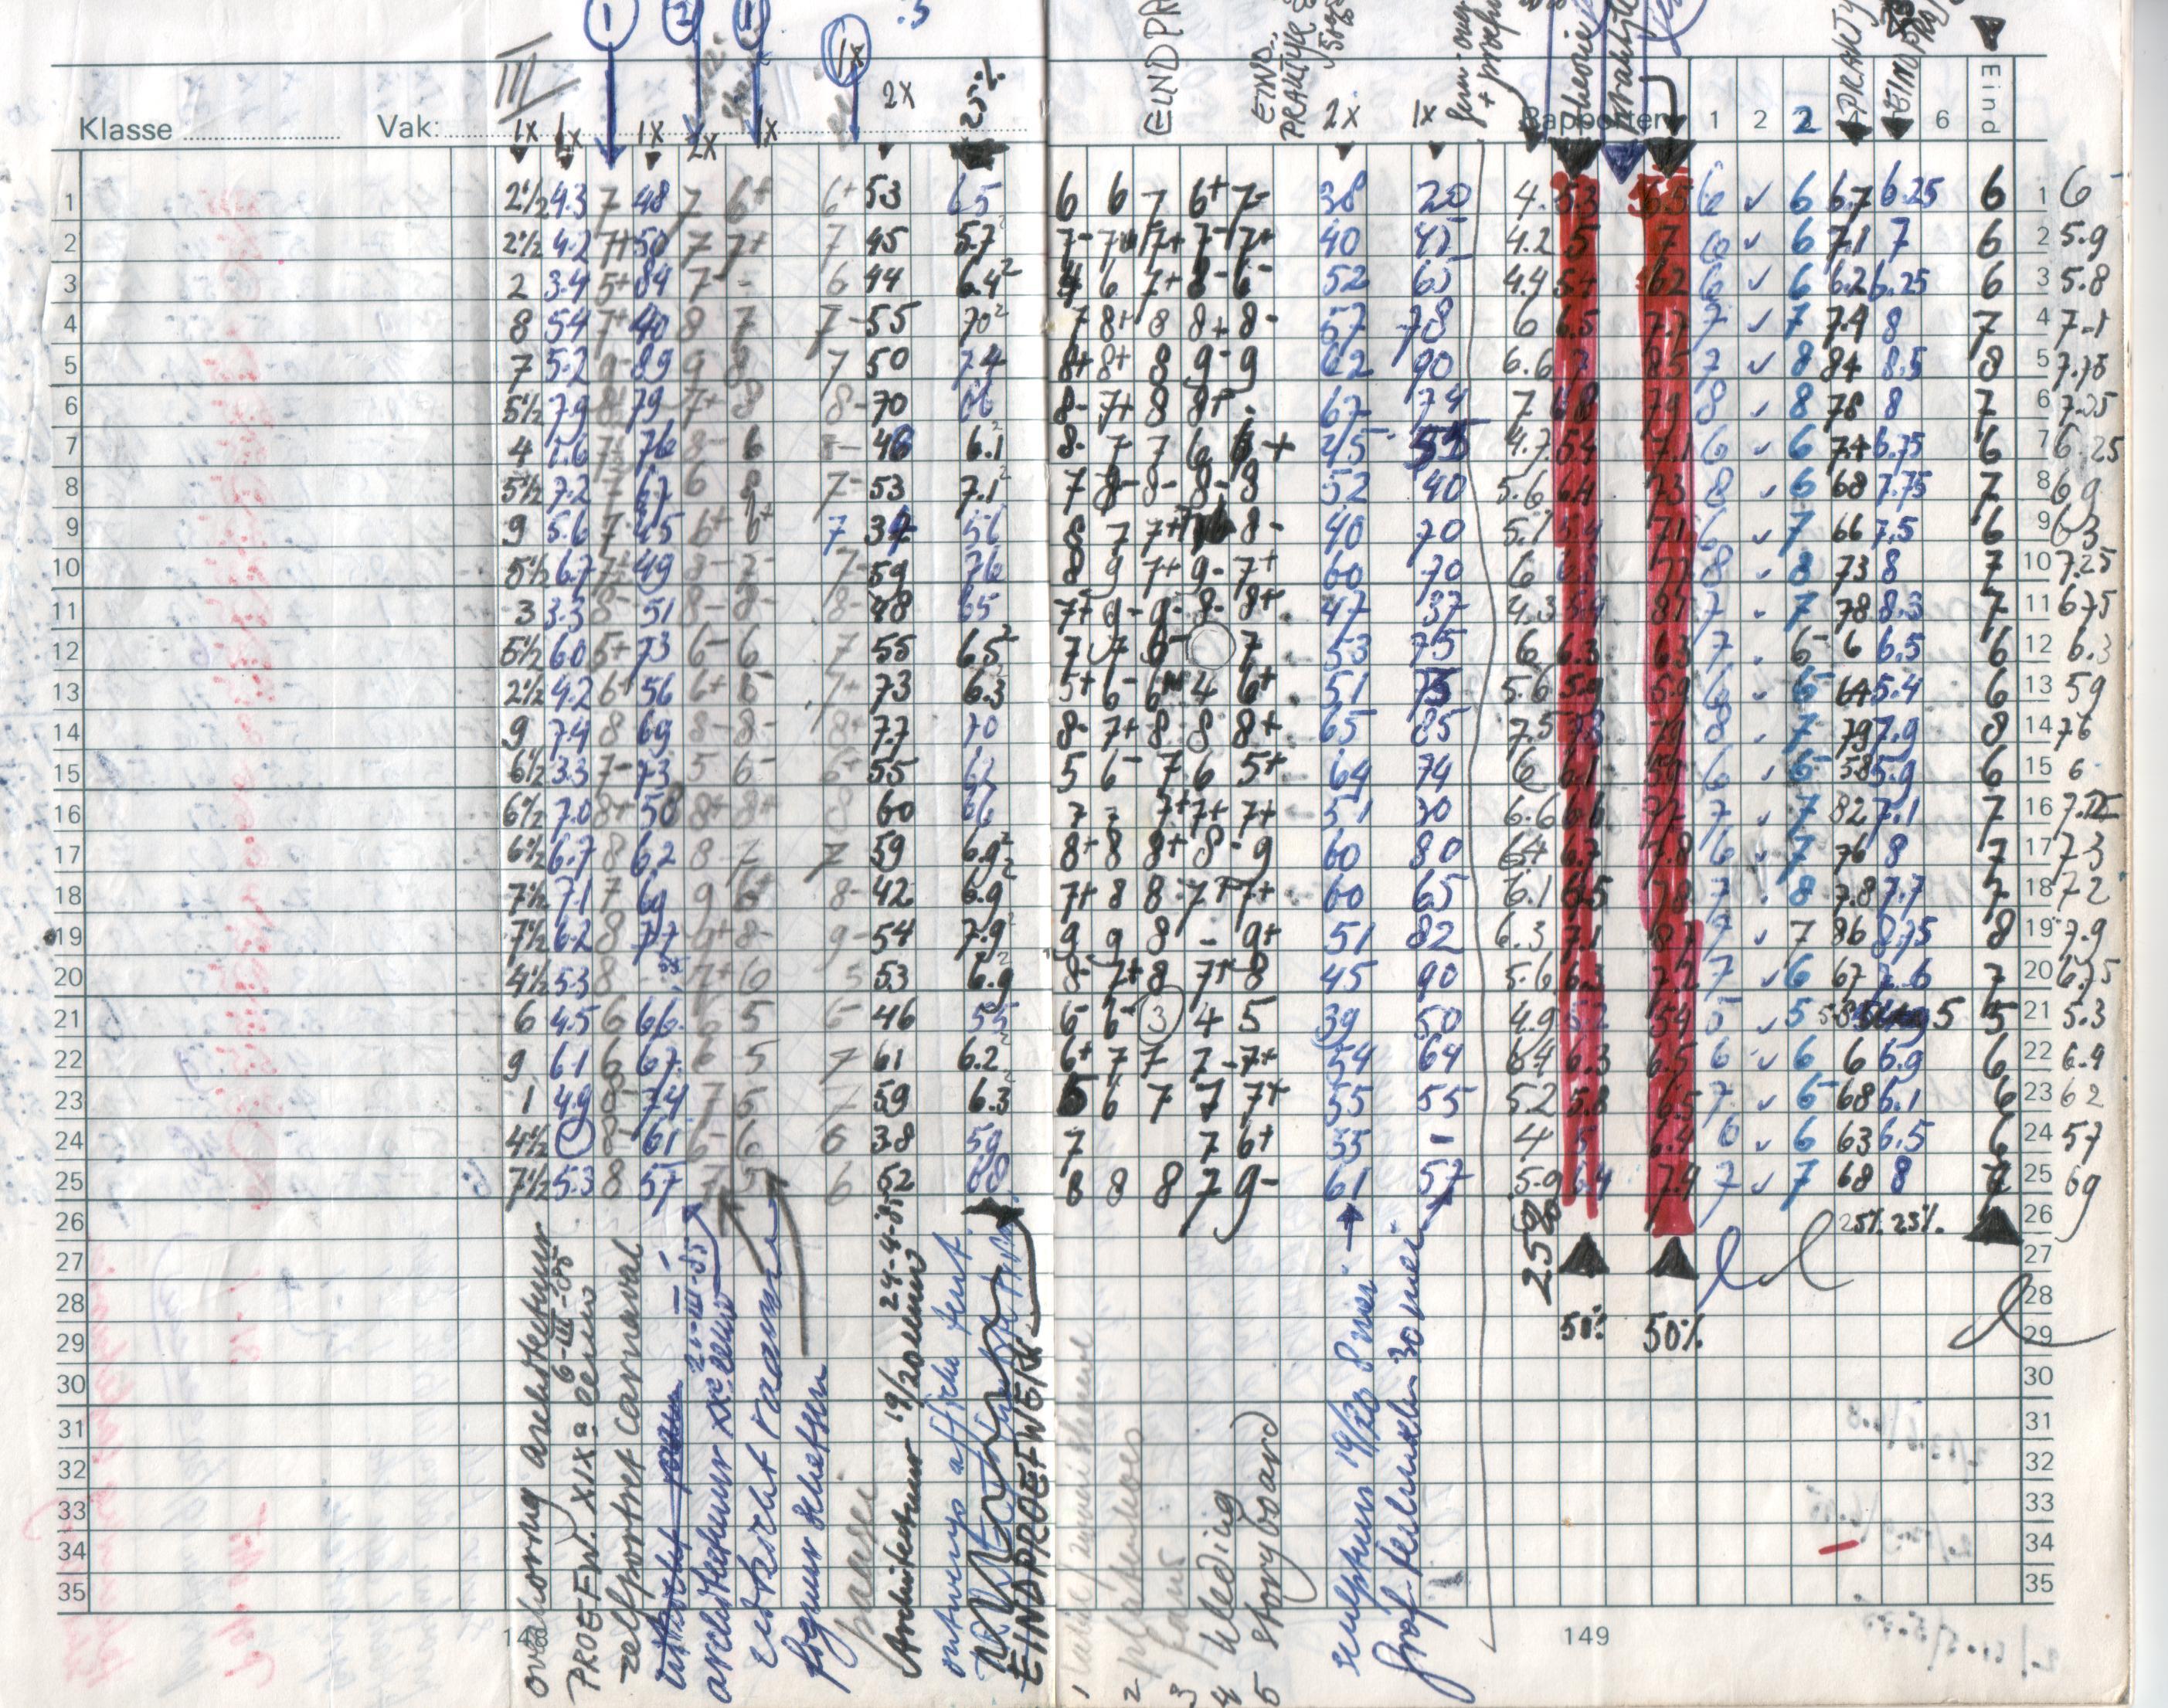 Cijferlijst 2 H4 1984-1985